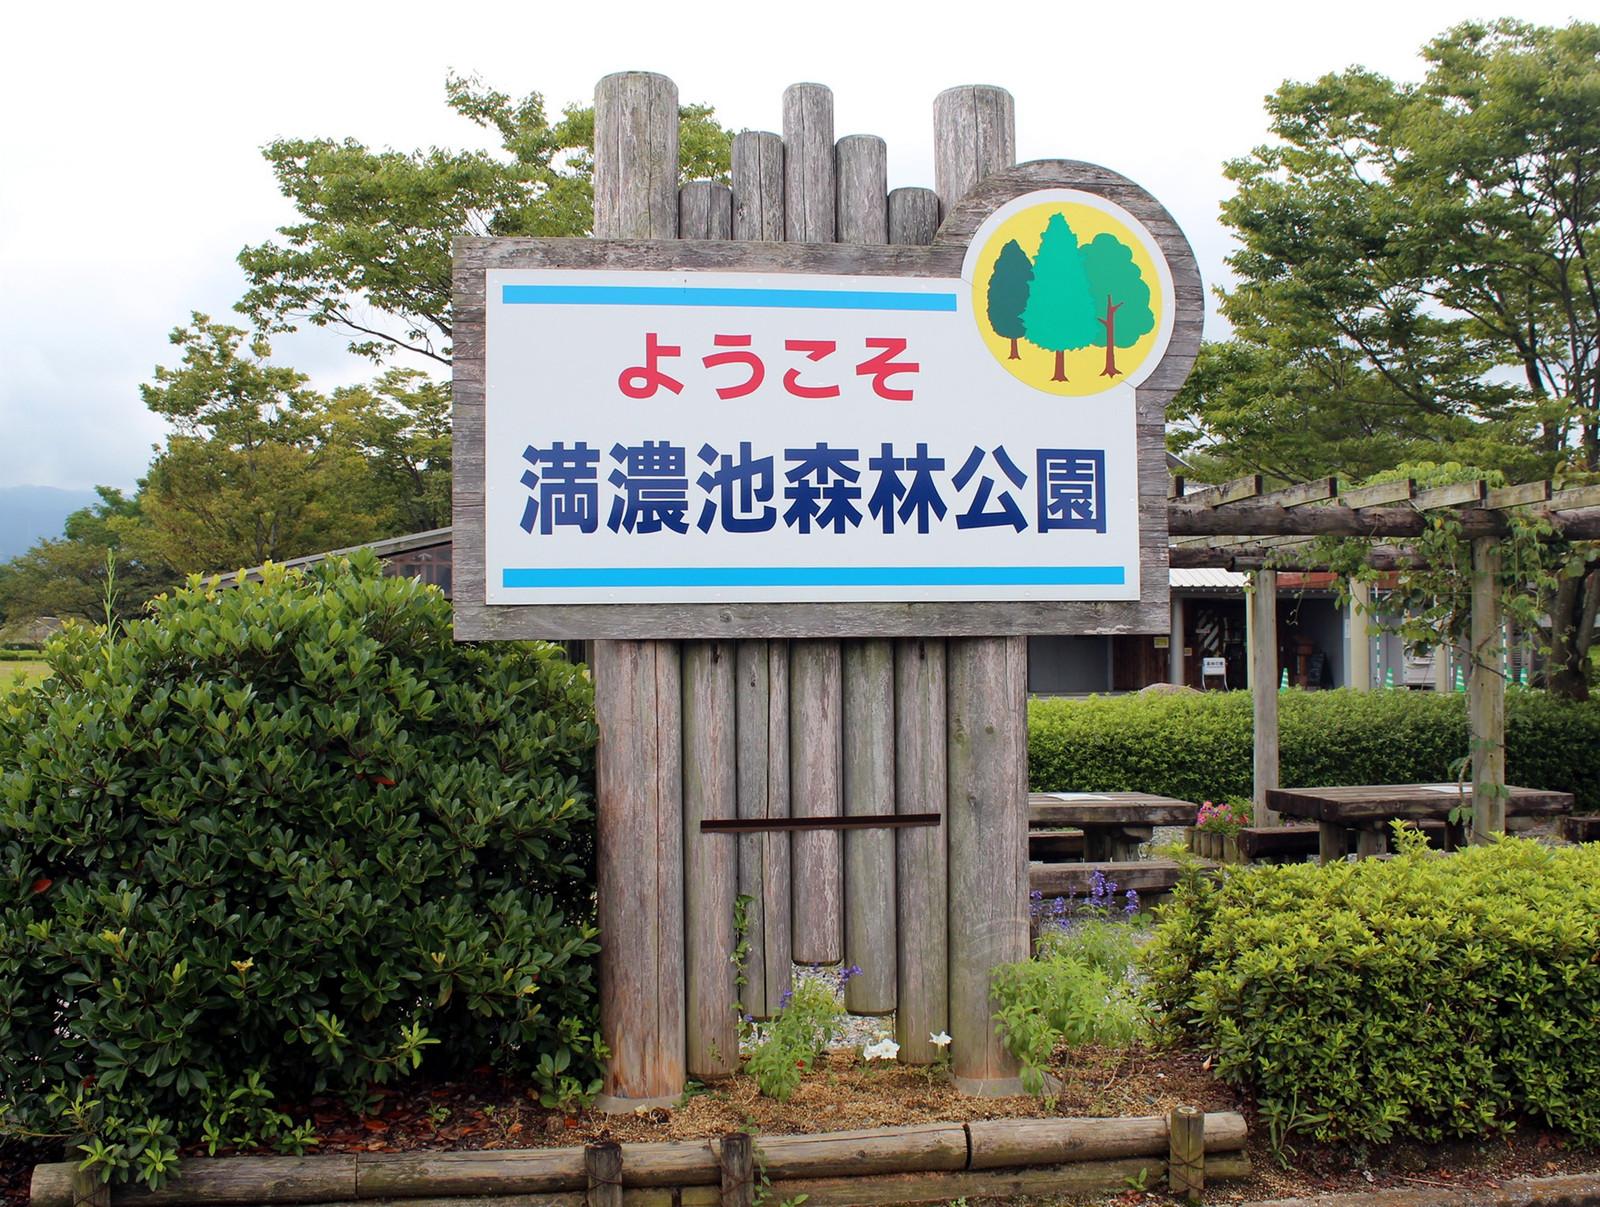 満濃池を囲む森林公園は癒しのスポット!日本一のため池でリフレッシュ!